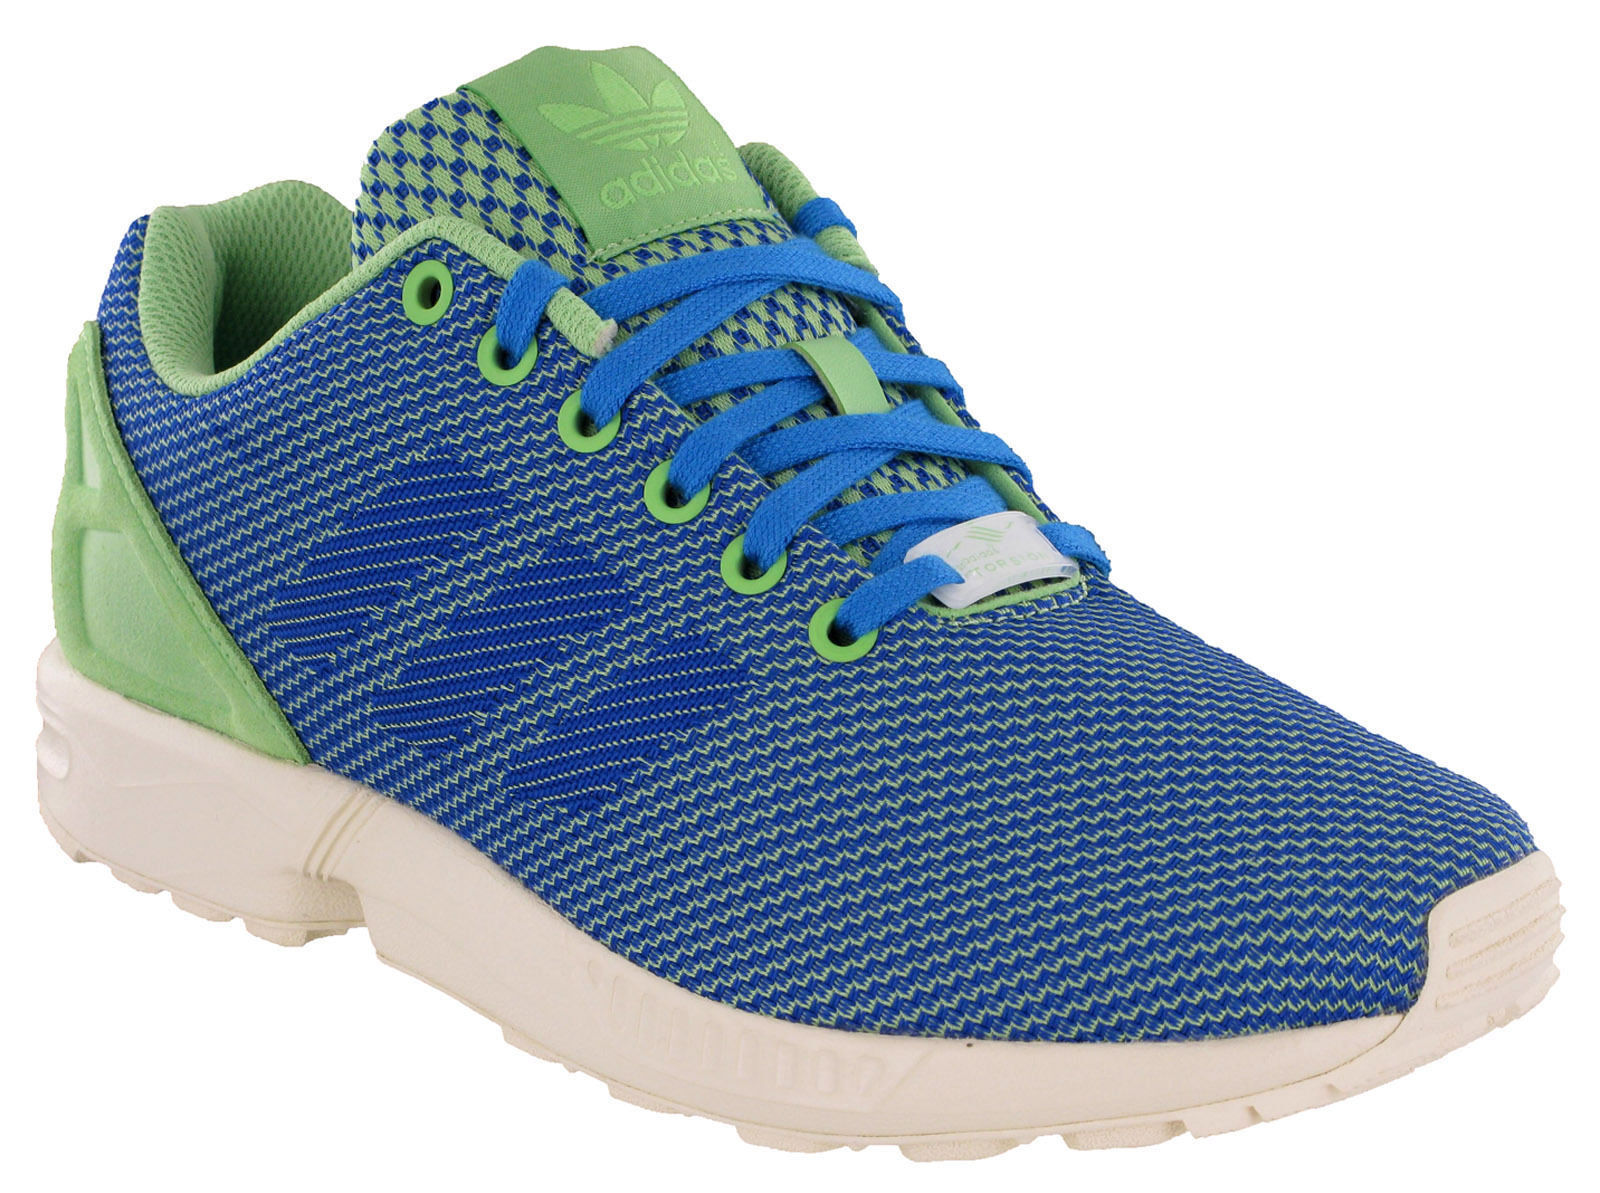 Adidas ZX Flux Weave Zapatillas Hombre para correr deporte Torsión Encaje Azul Verde Zapatillas